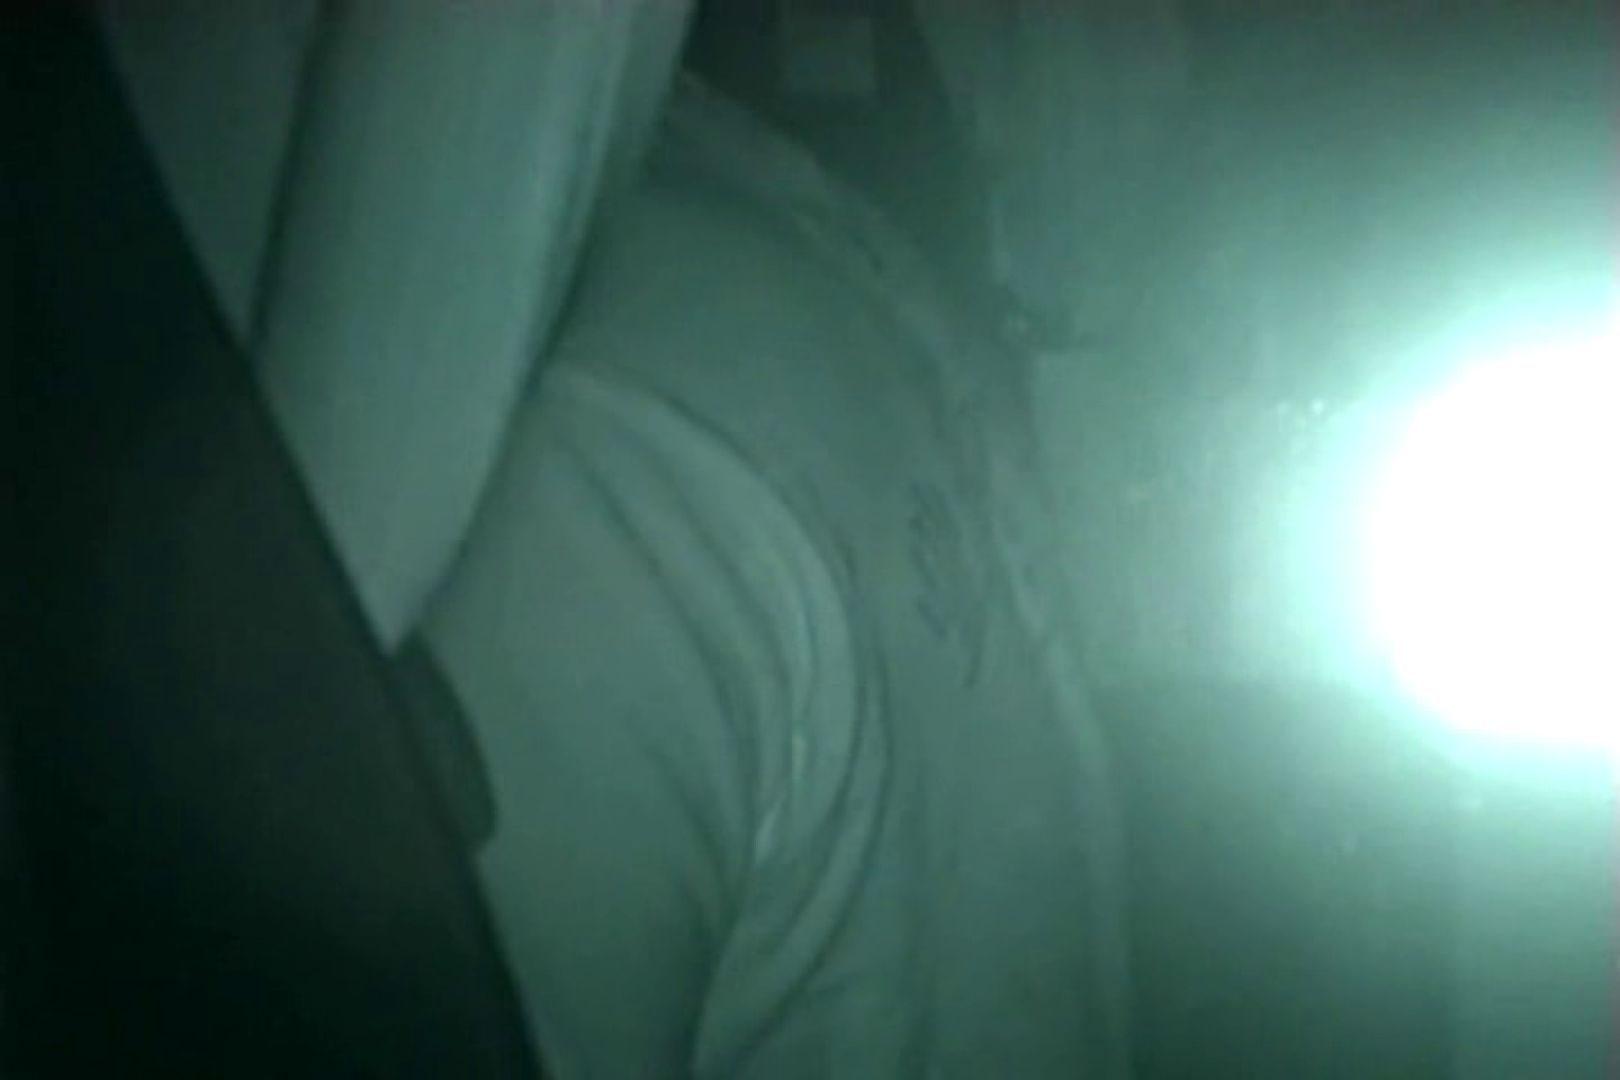 充血監督の深夜の運動会Vol.131 車中はめどり AV動画キャプチャ 93画像 82